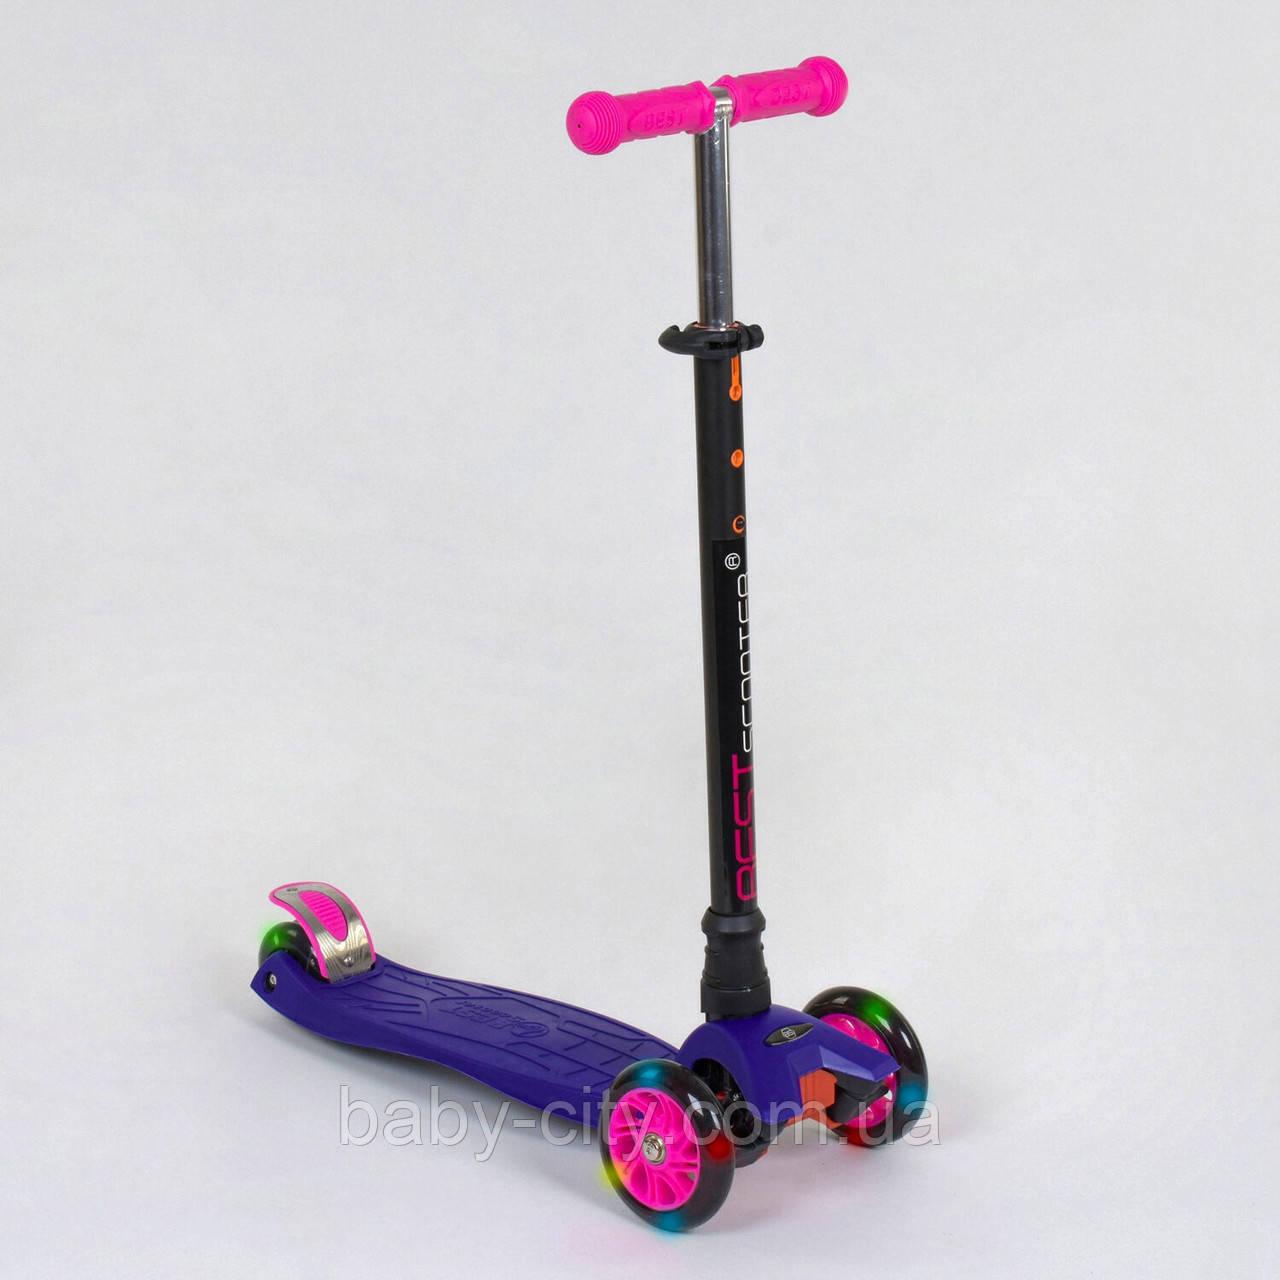 Самокат трехколесный Best Scooter Maxi 466-113 / А 24089 Фиолетовый